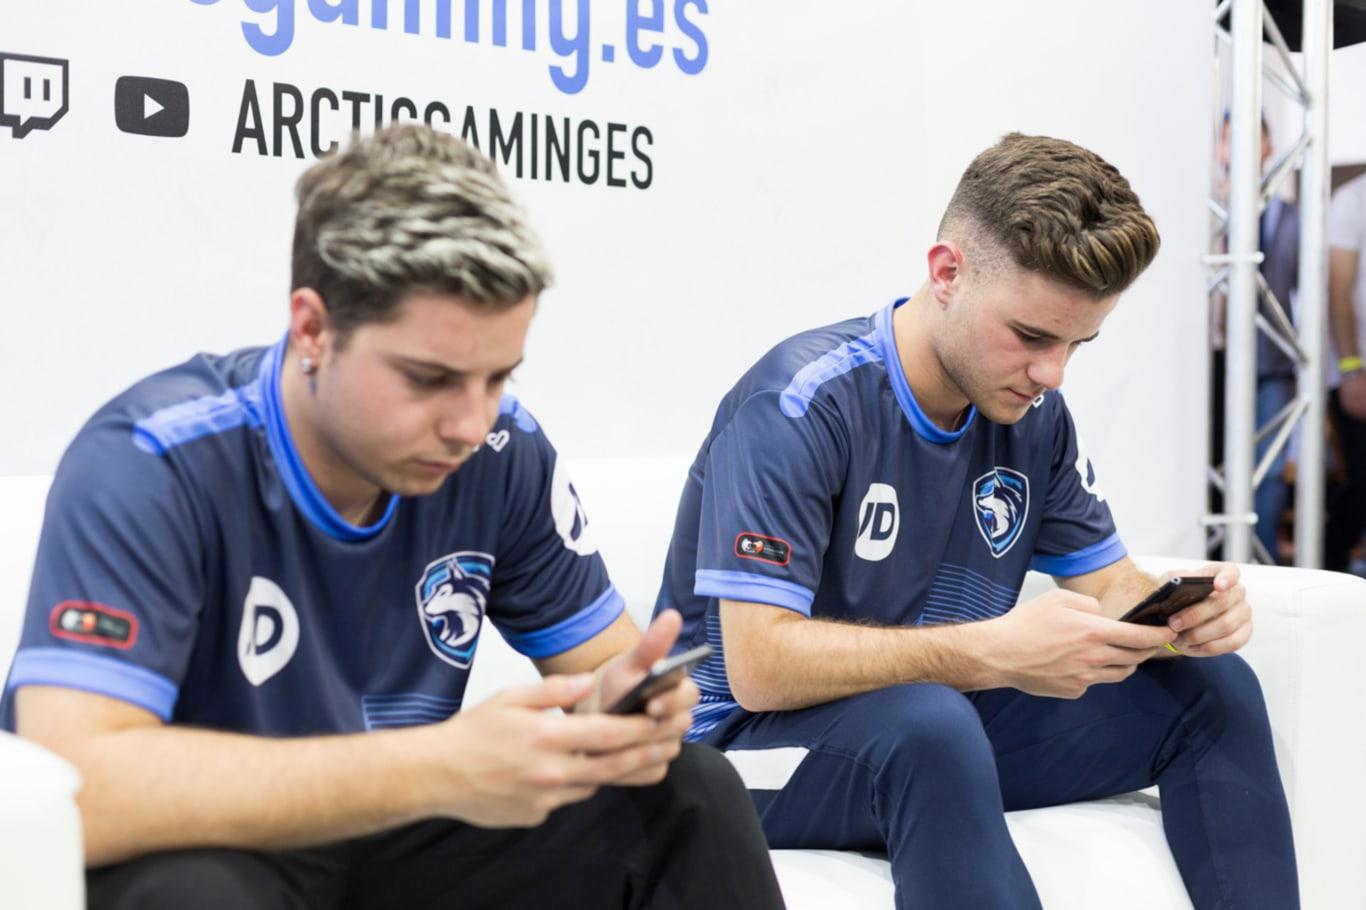 Peke y Serg10 jugando con el móvil en Granada Gaming